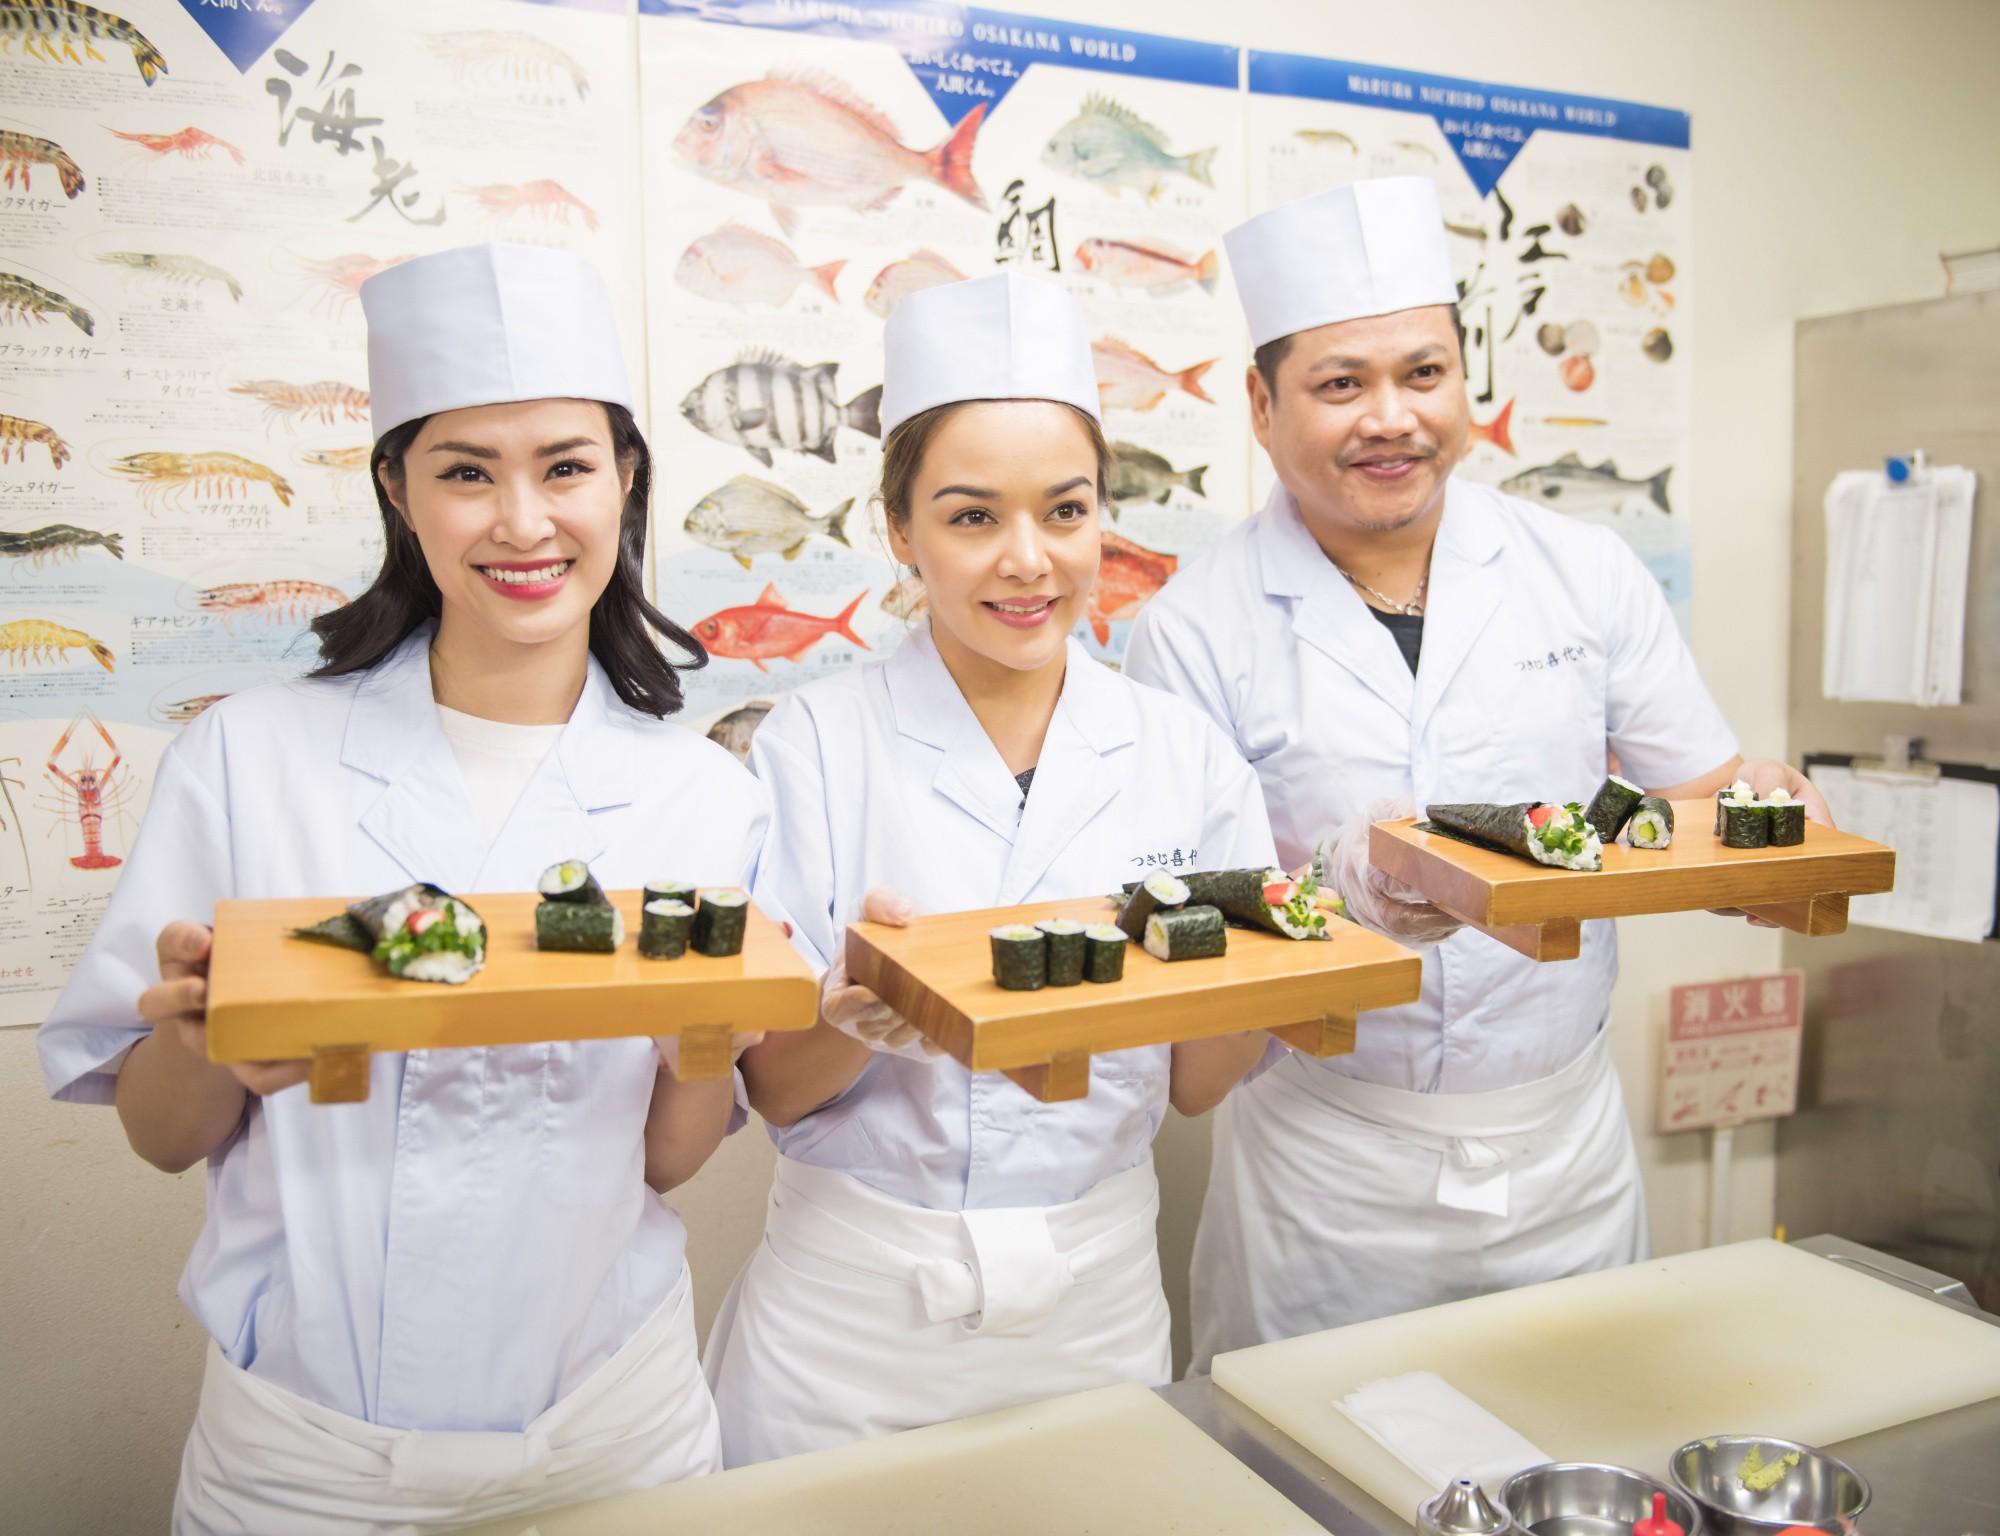 Đông Nhi hào hứng học làm sushi, cùng nghệ sĩ các nước ASEAN khám phá Nhật Bản - Ảnh 12.